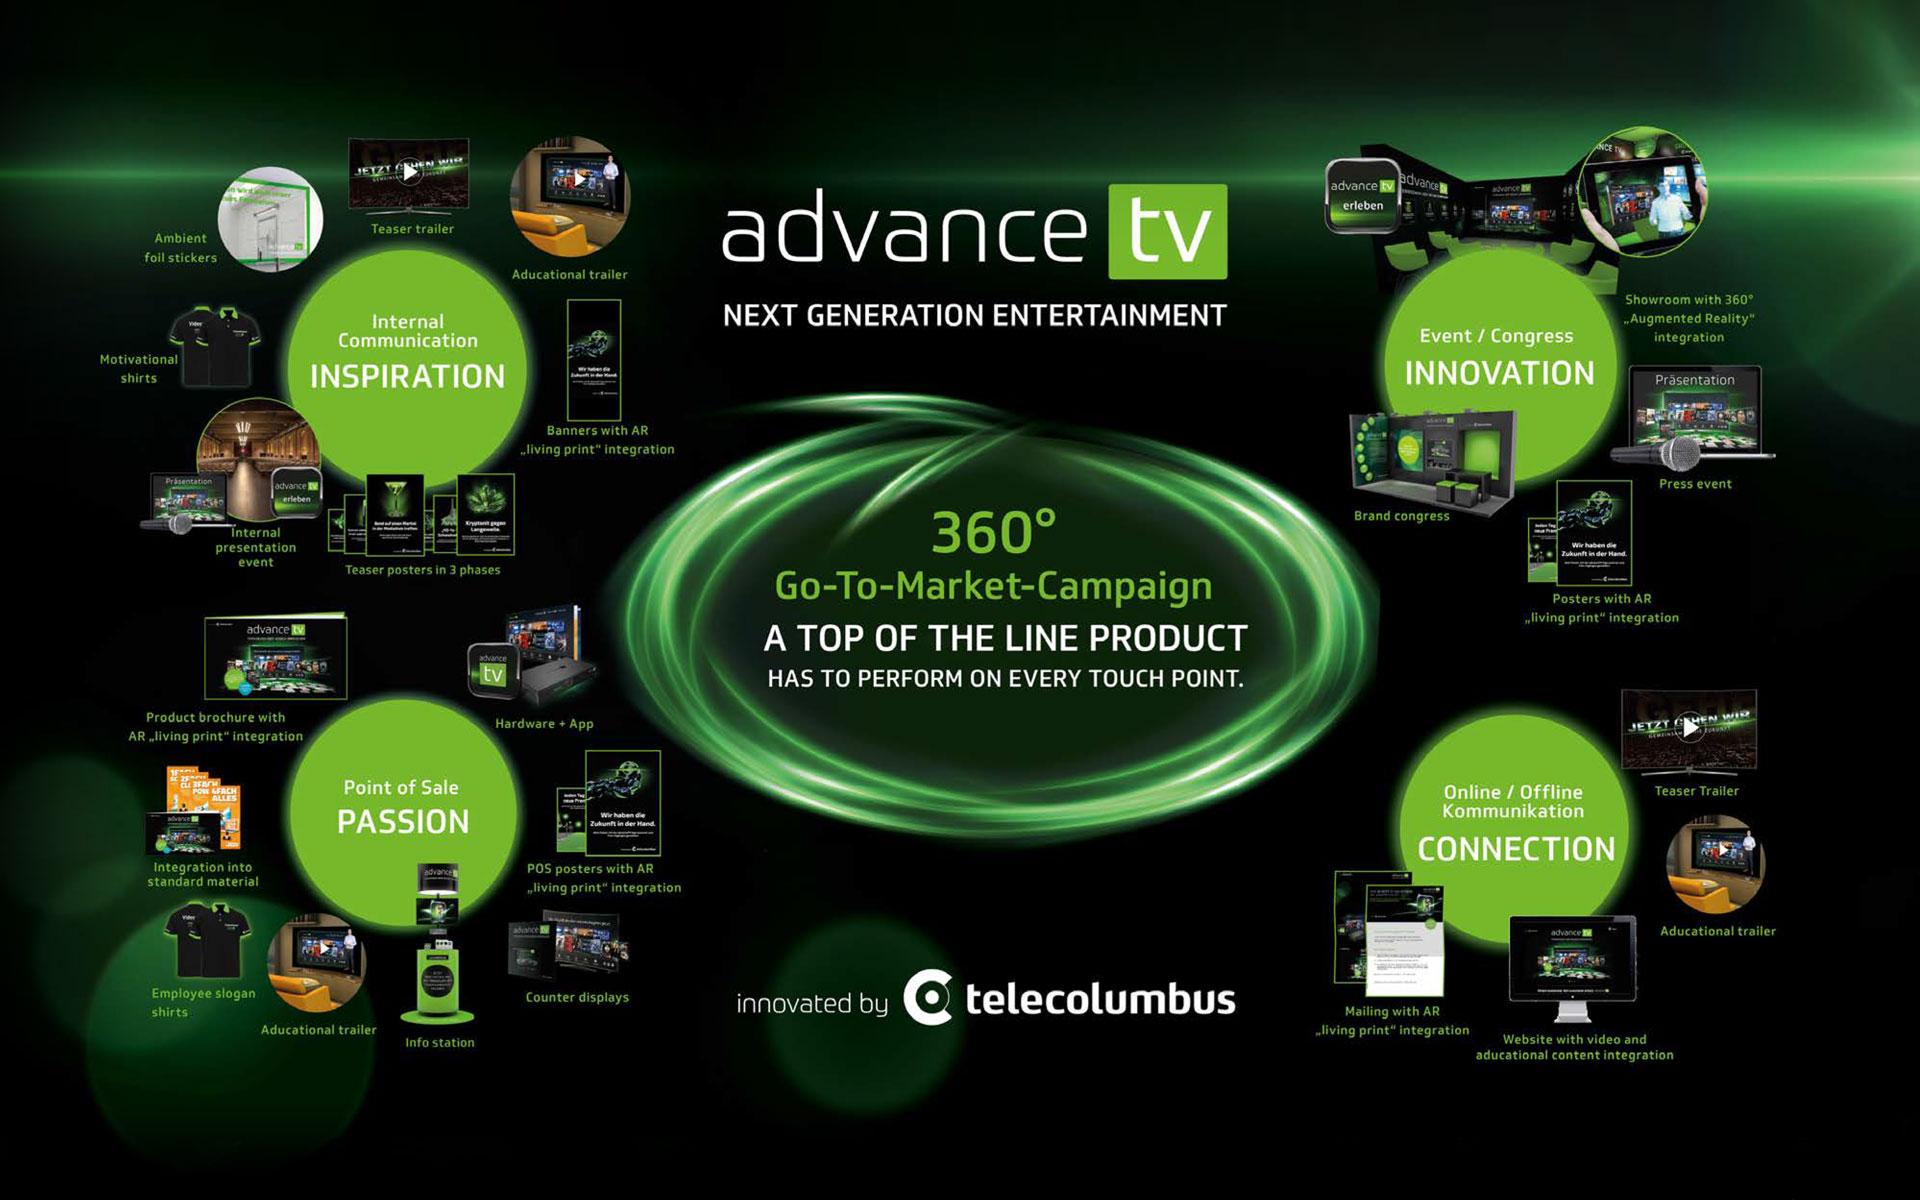 360Grad Go-To-Market-kampagne für advancetv